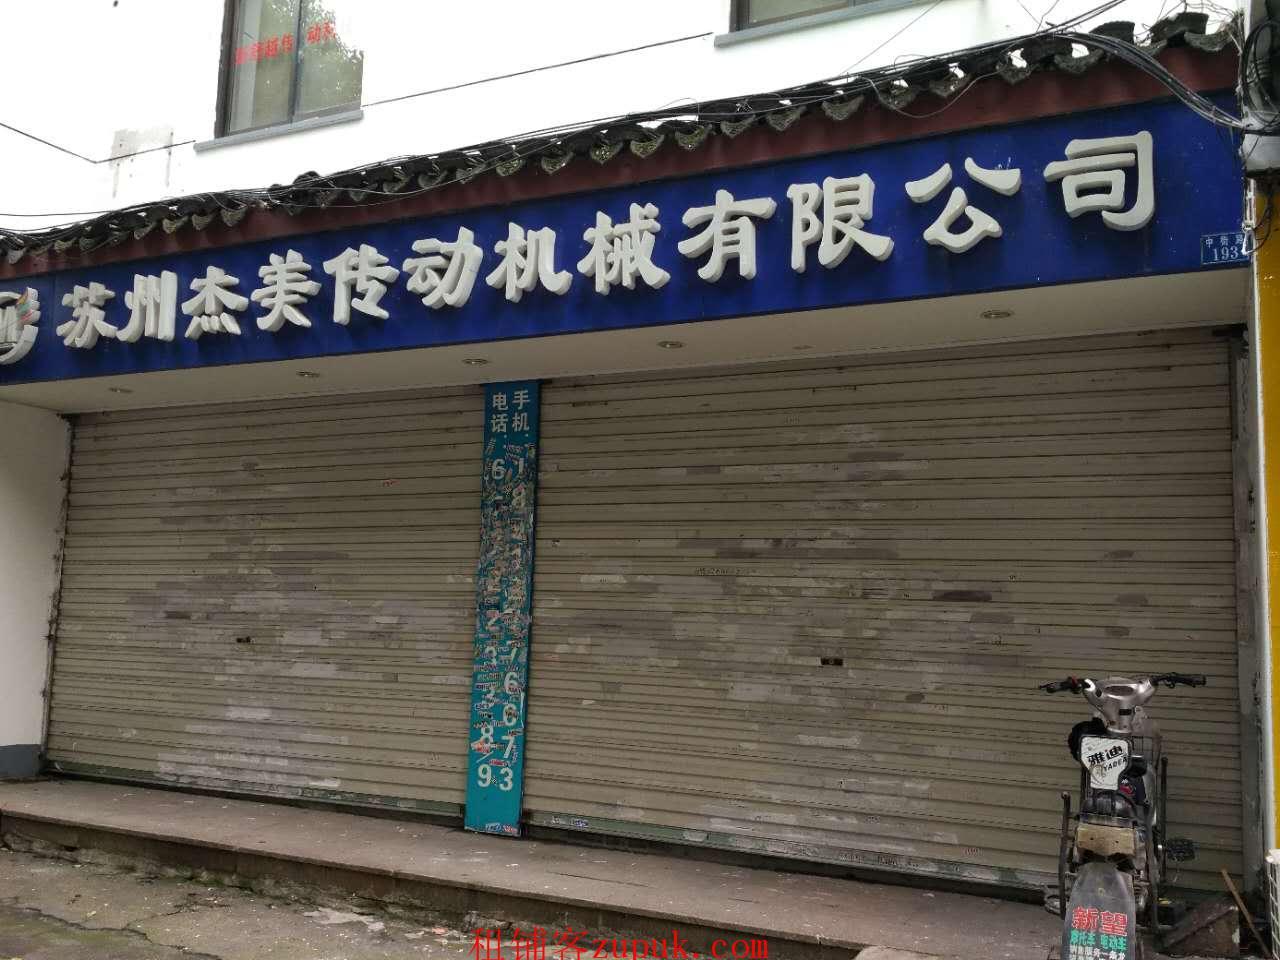 中街路沿街店铺